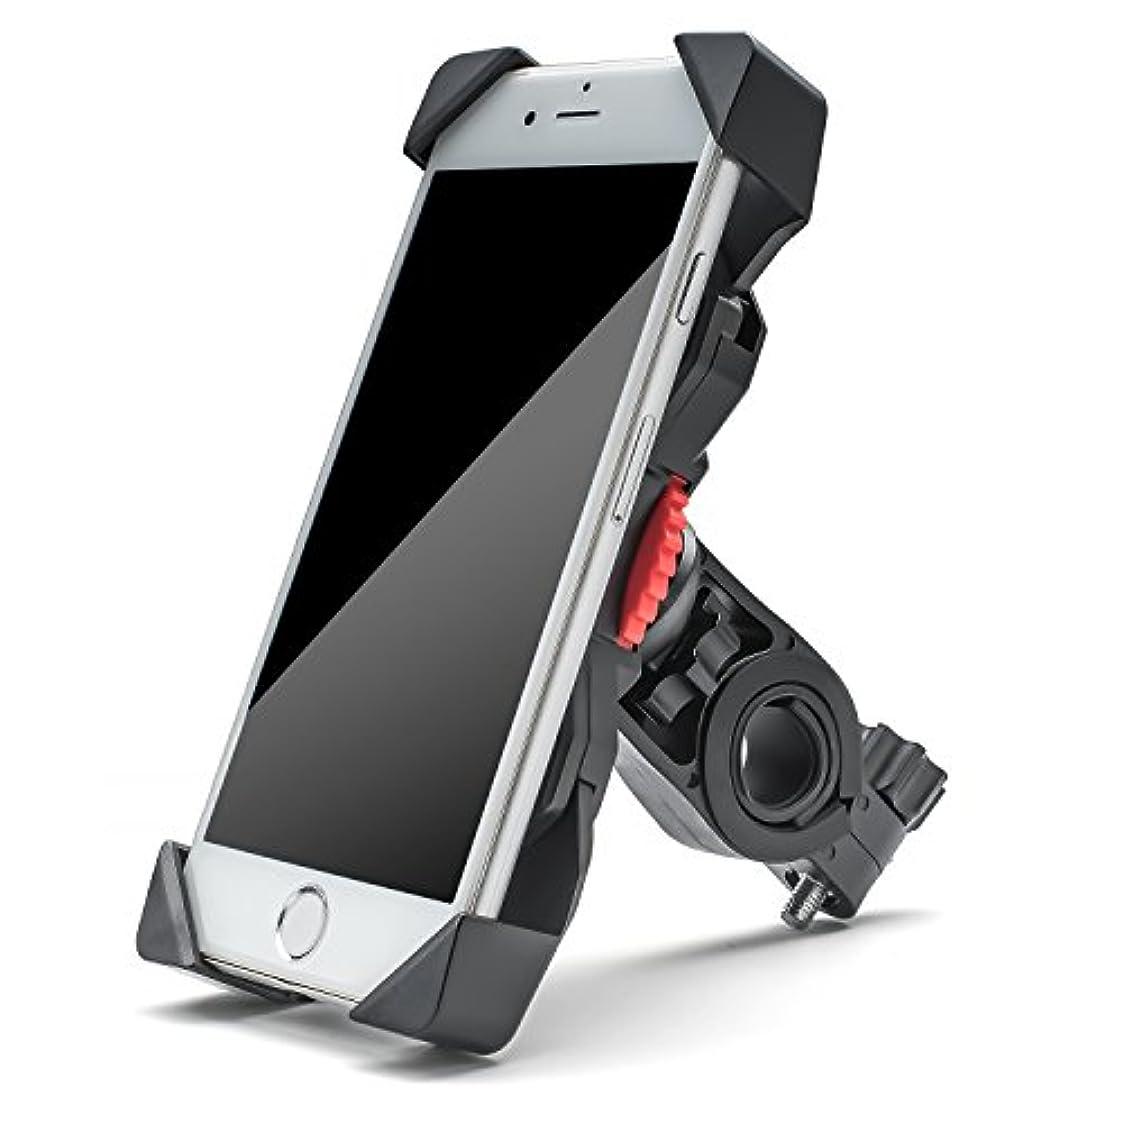 にじみ出るトマト悪性YIEASY 自転車ホルダー スマホホルダー 自転車/バイク携帯ホルダー スマートフォンマウントホルダー バイクスタンド 360度回転 スマホ/iPhone/GPSナビ固定用 マウントキット 脱落防止 Andriod/iPhoneに多機種対応